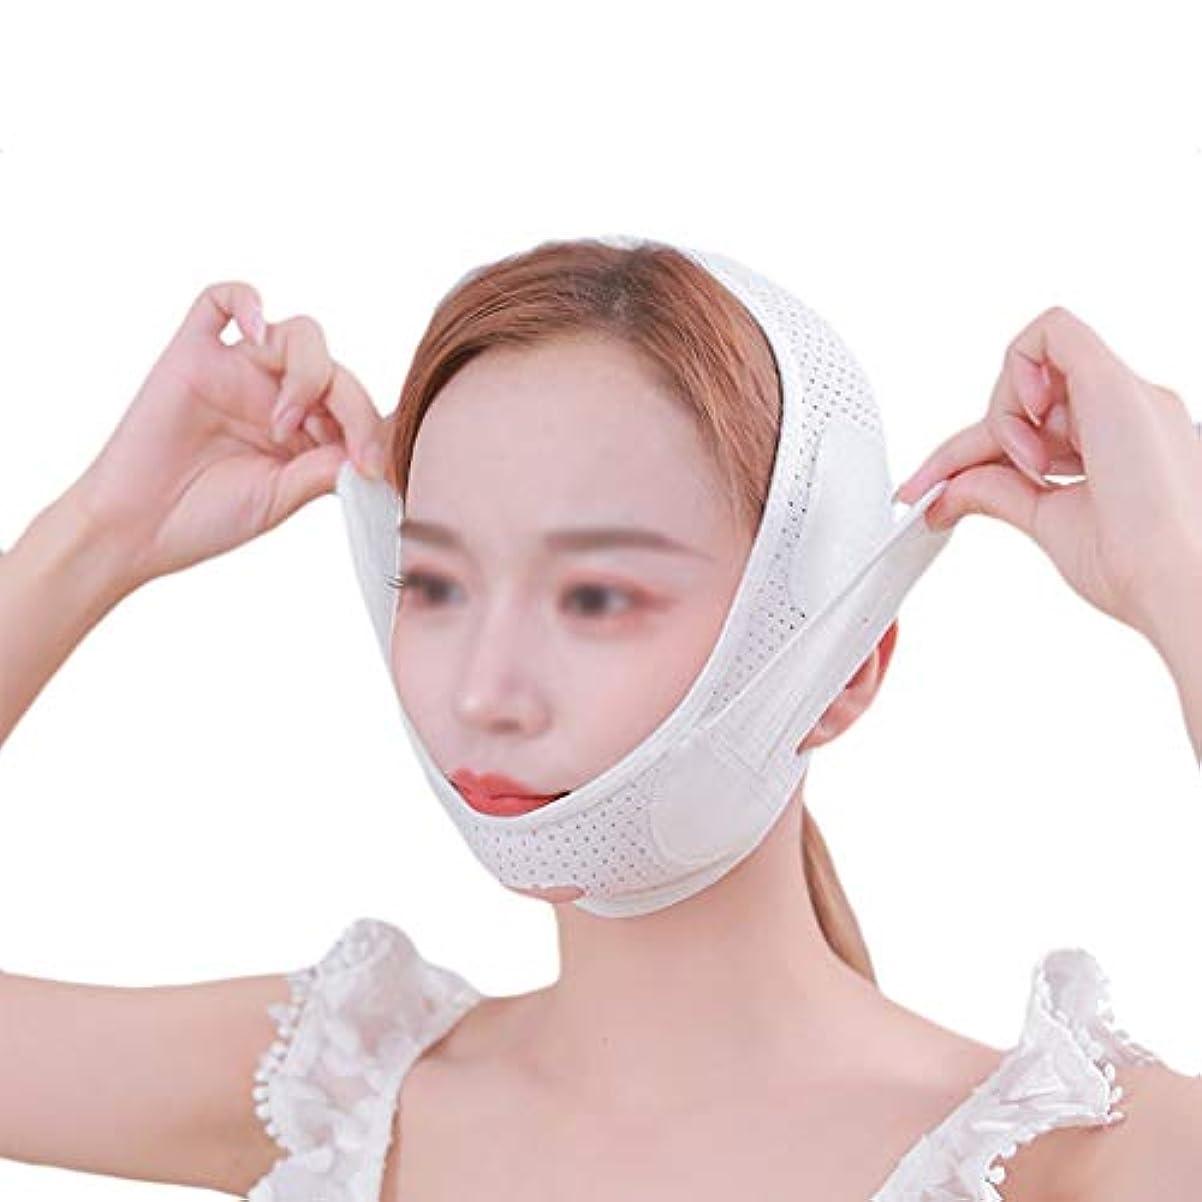 芝生球状スムーズにフェイシャルリフティング包帯、頬痩身マスク包帯、フェイスリフティングファーミングフェイスリフティング、リフティングダブルチンフェイシャルマスク(ホワイト、フリーサイズ)